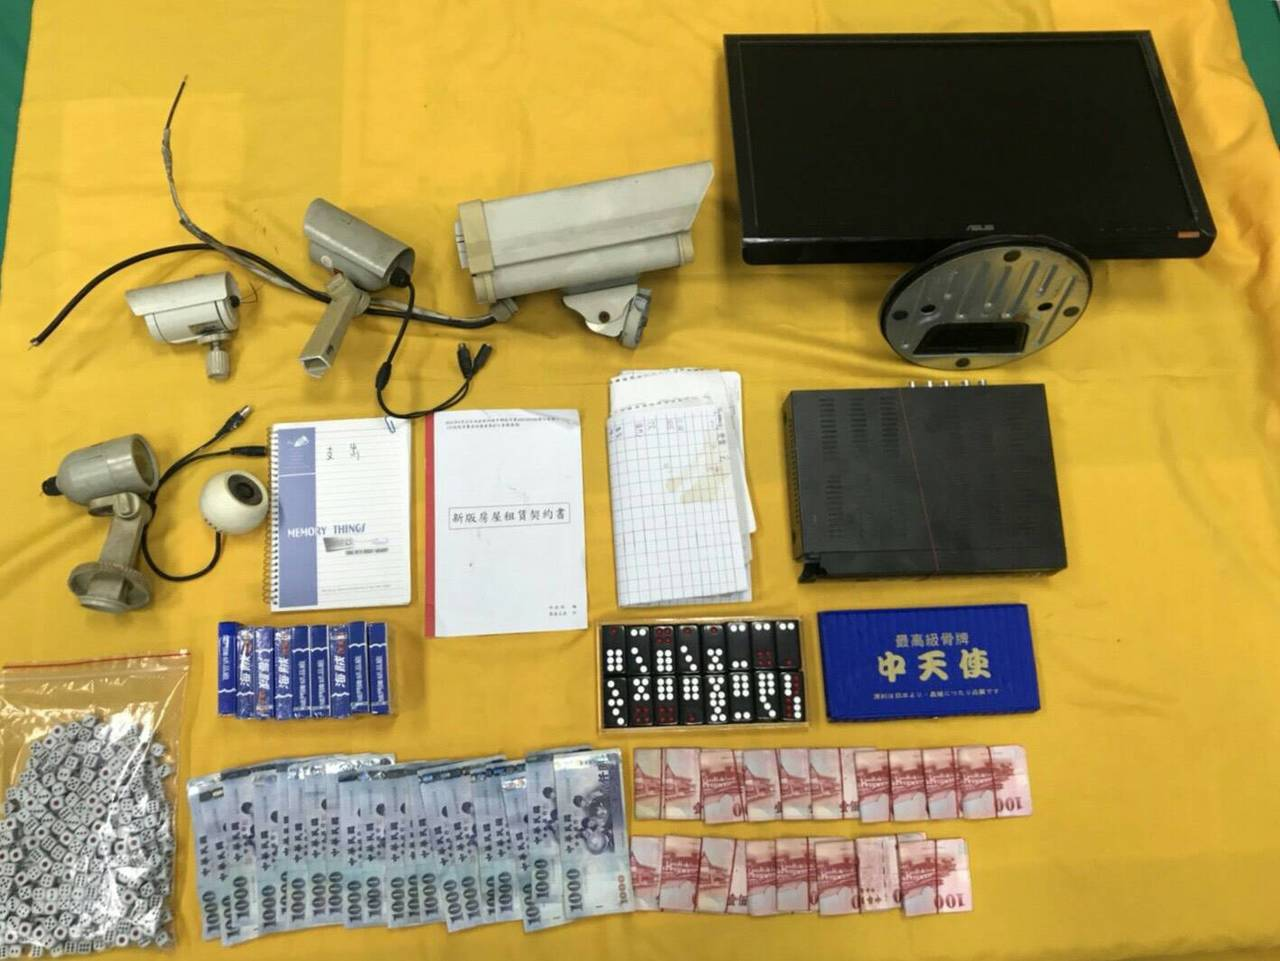 警方當場扣得賭資及抽頭金合計3萬7400元、天九牌、骰子、帳簿、監視器主機、鏡頭...